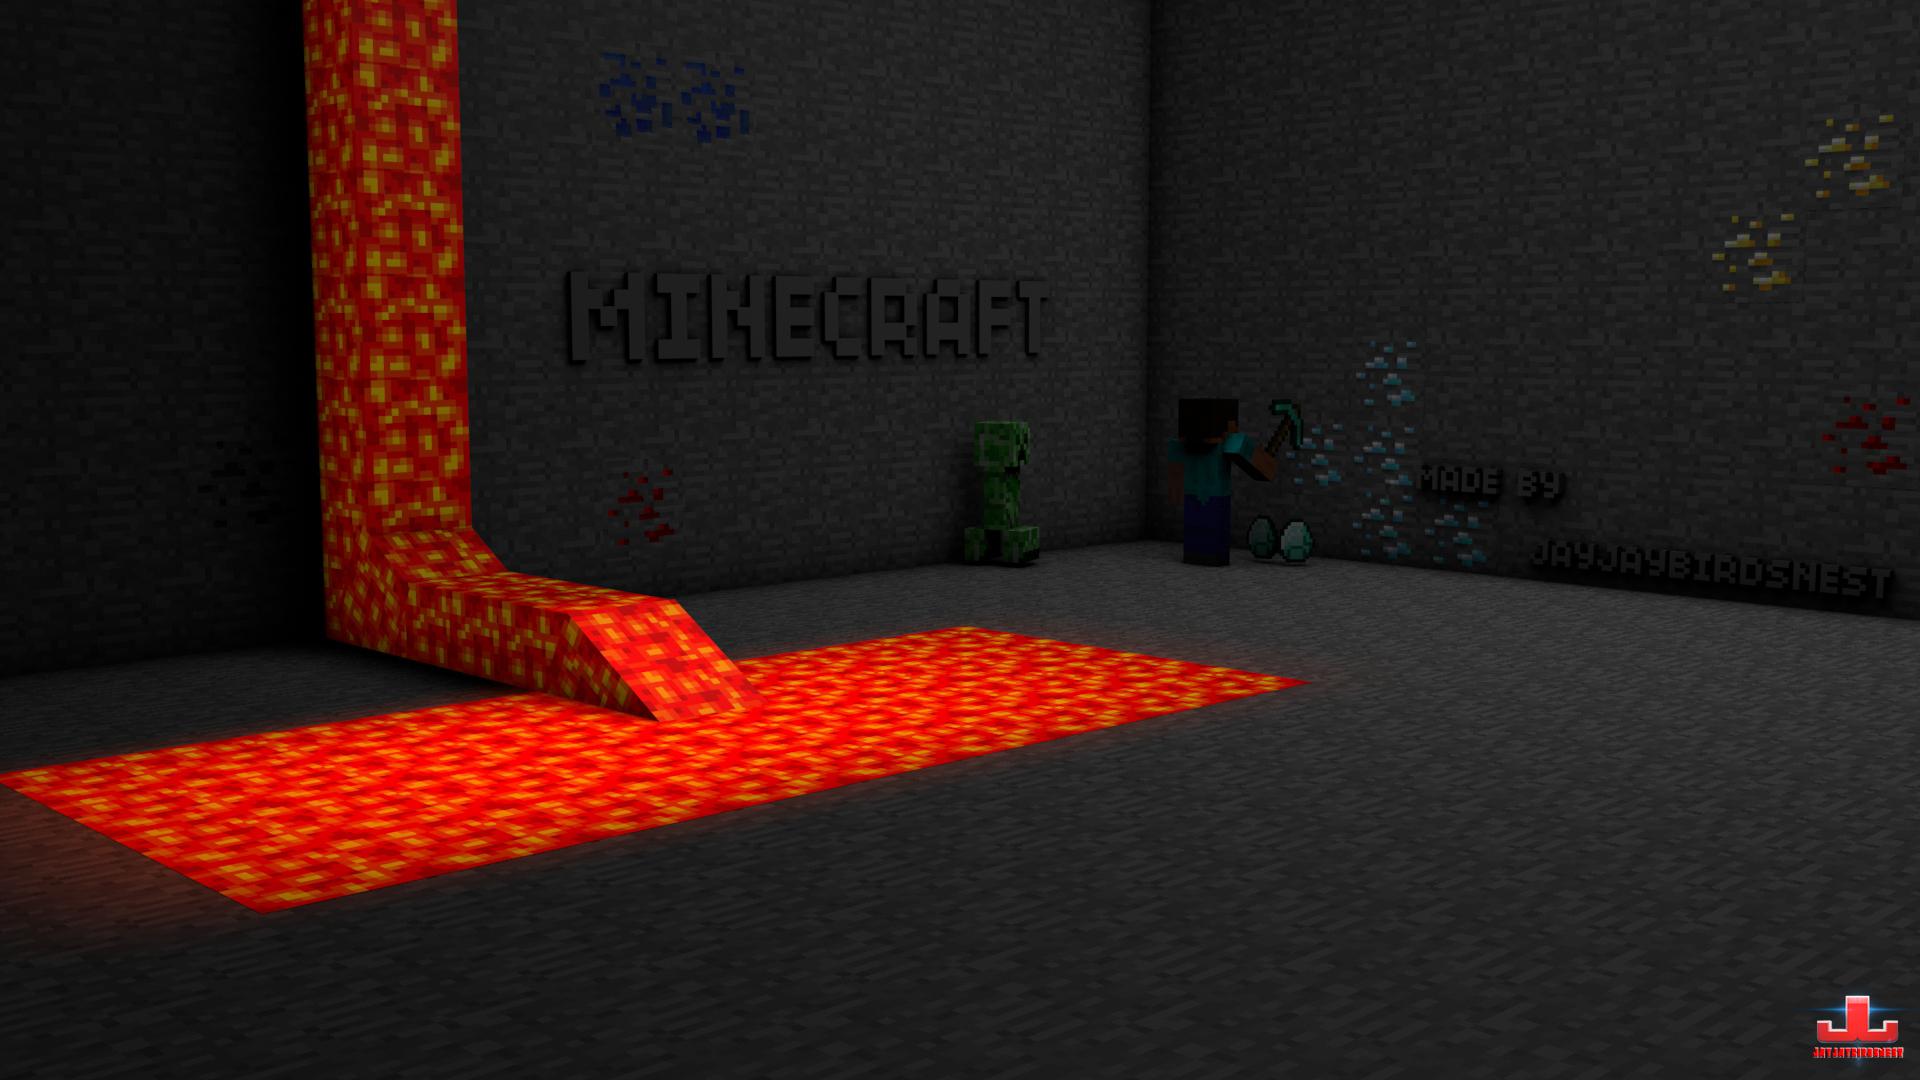 Best Wallpaper Minecraft Gold - minecraft_cave_wallpaper_by_jayjaybirdsnest-d49ai95  Pic_611359.jpg